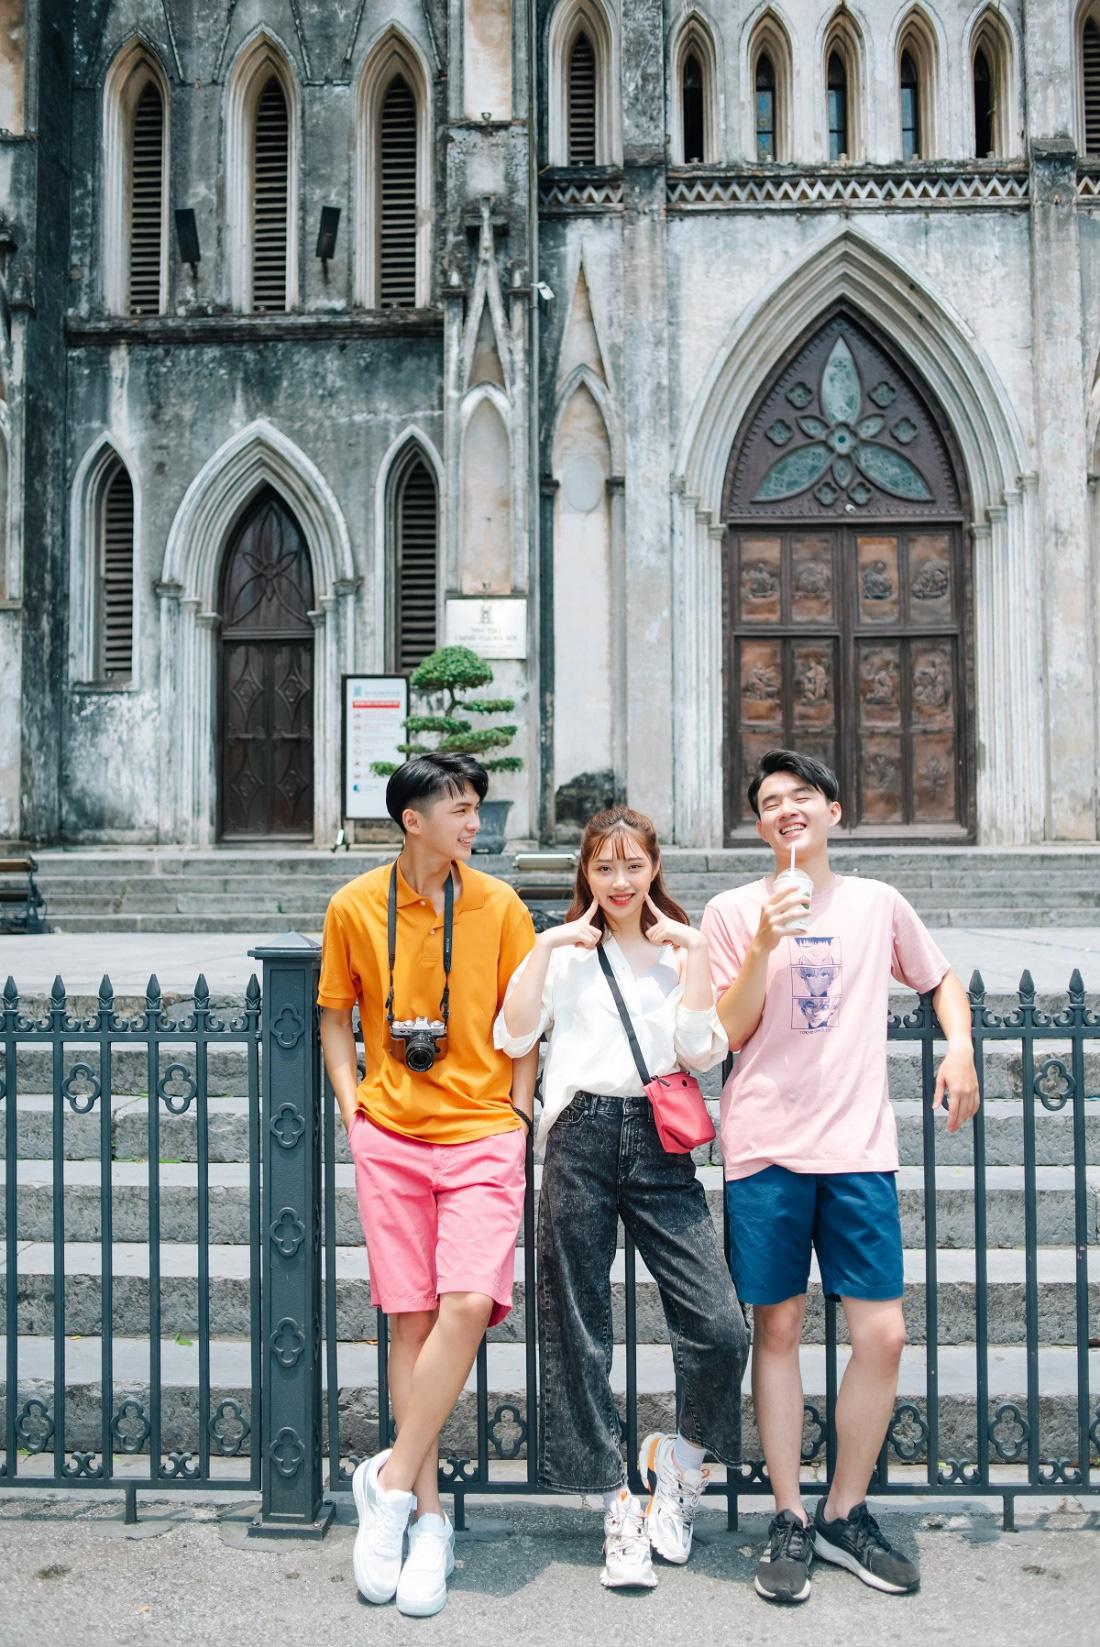 """Phố phường Hà Nội có cực nhiều tọa độ """"hot"""" nhưng UNIQLO Phạm Ngọc Thạch cũng vừa góp vui thêm một góc cực """"độc bạn đã biết chưa? - Ảnh 15."""